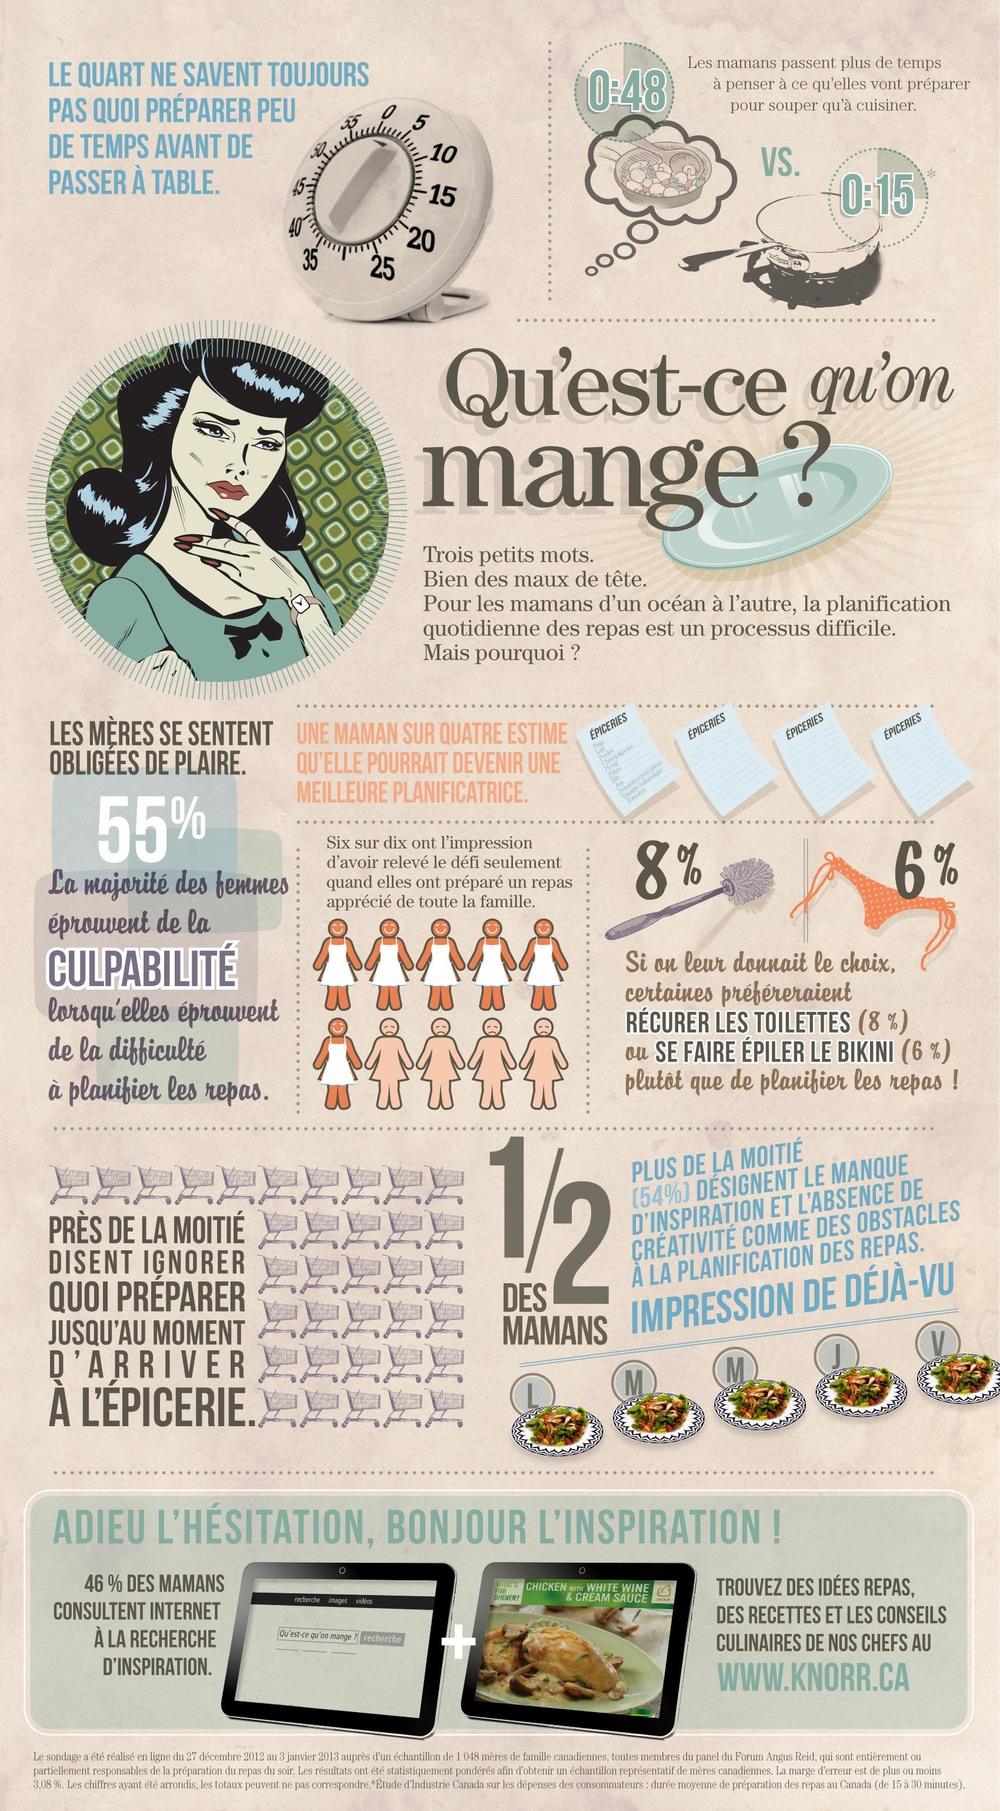 Infographie_Qu'est-ce qu'on mange.jpg